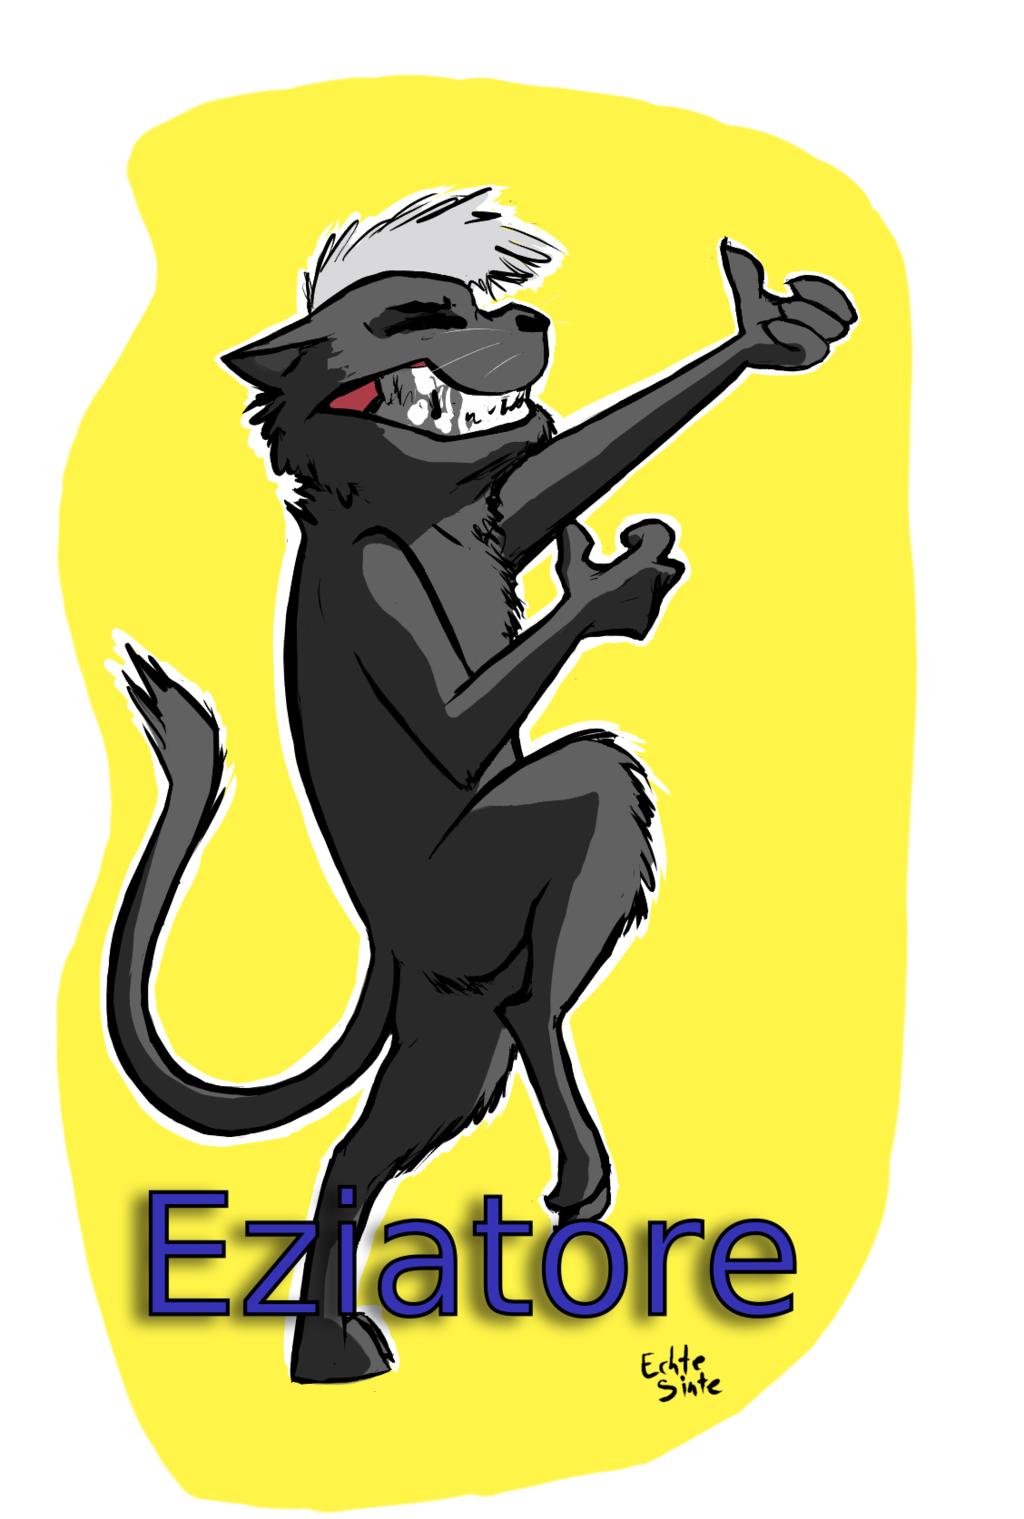 Eziatore Badge